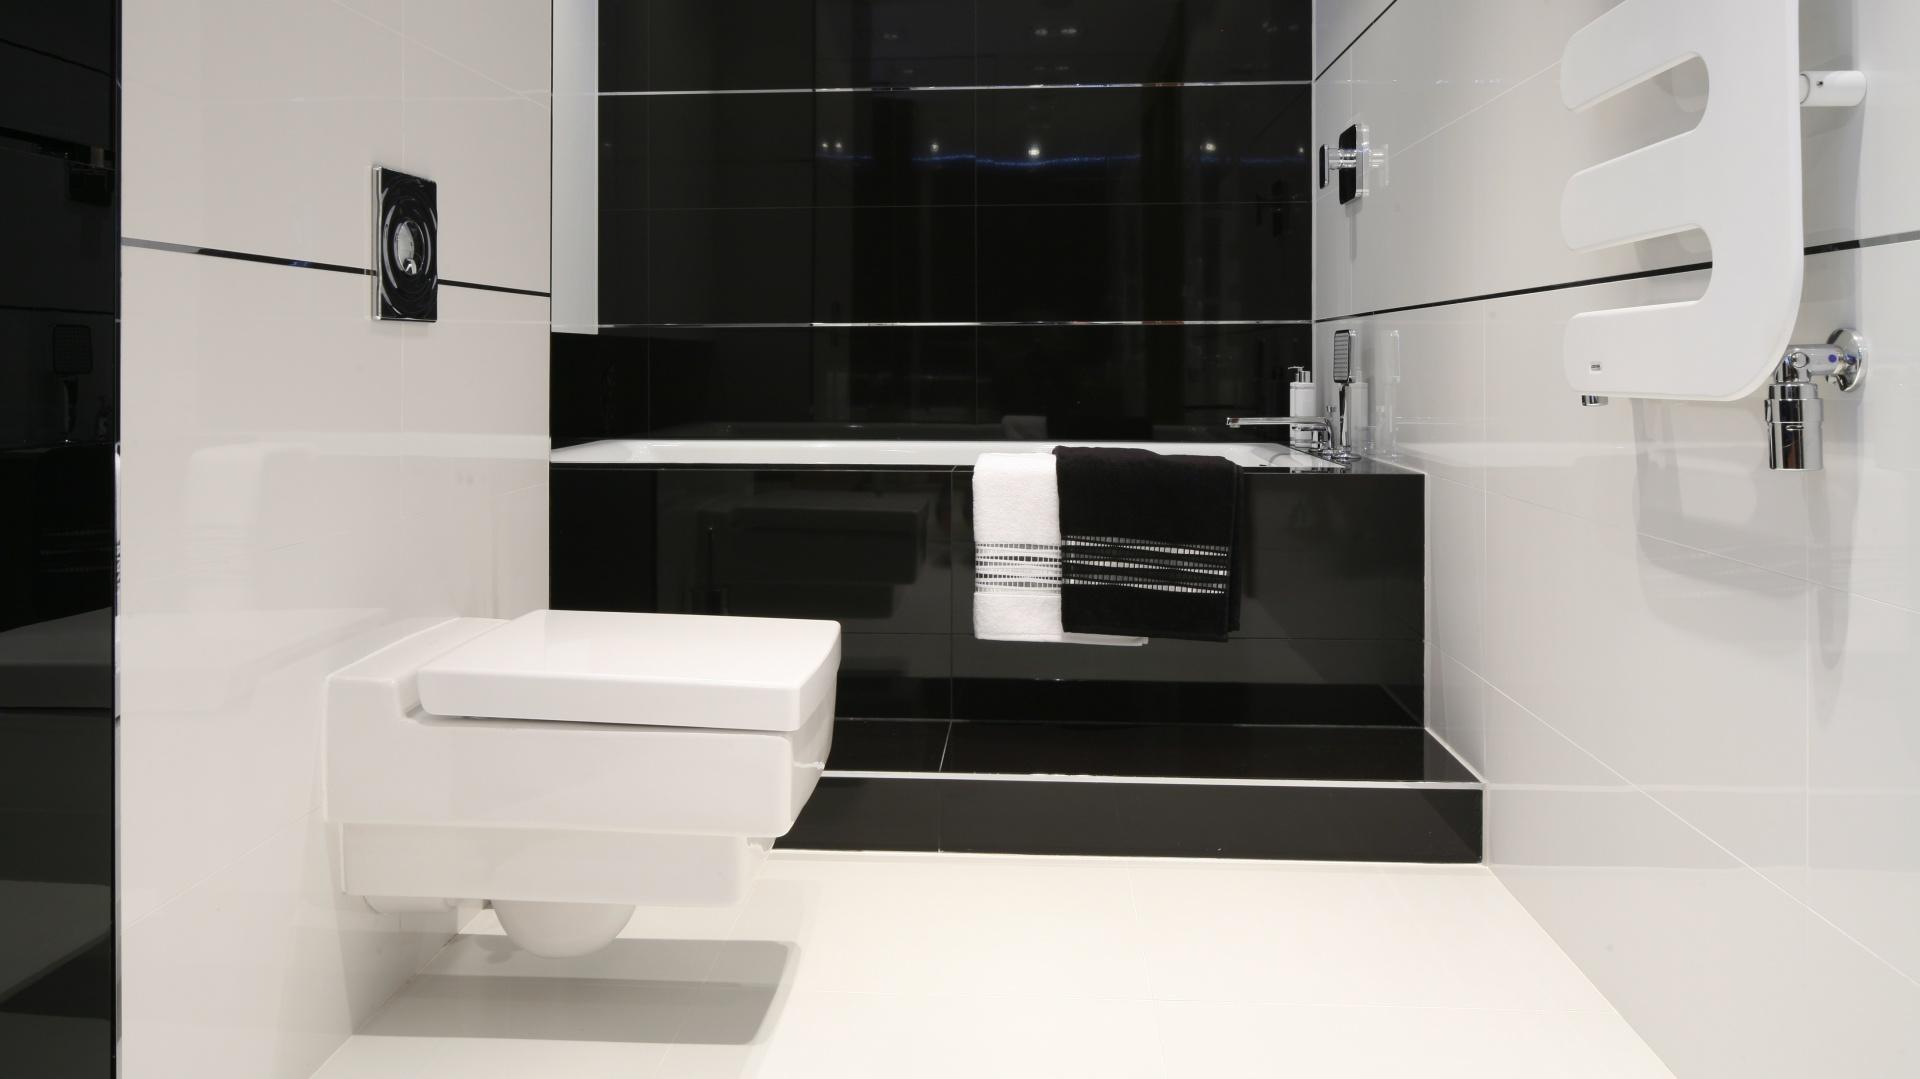 Biel i czerń to pomysł na ponadczasową, elegancką łazienkę. Gładkie, połyskujące powierzchnie przełamano ozdobnymi, poziomymi listwami, które stanowią ciekawy element dekoracyjny. Projekt: Anna Maria Sokołowska. Fot. Bartosz Jarosz.